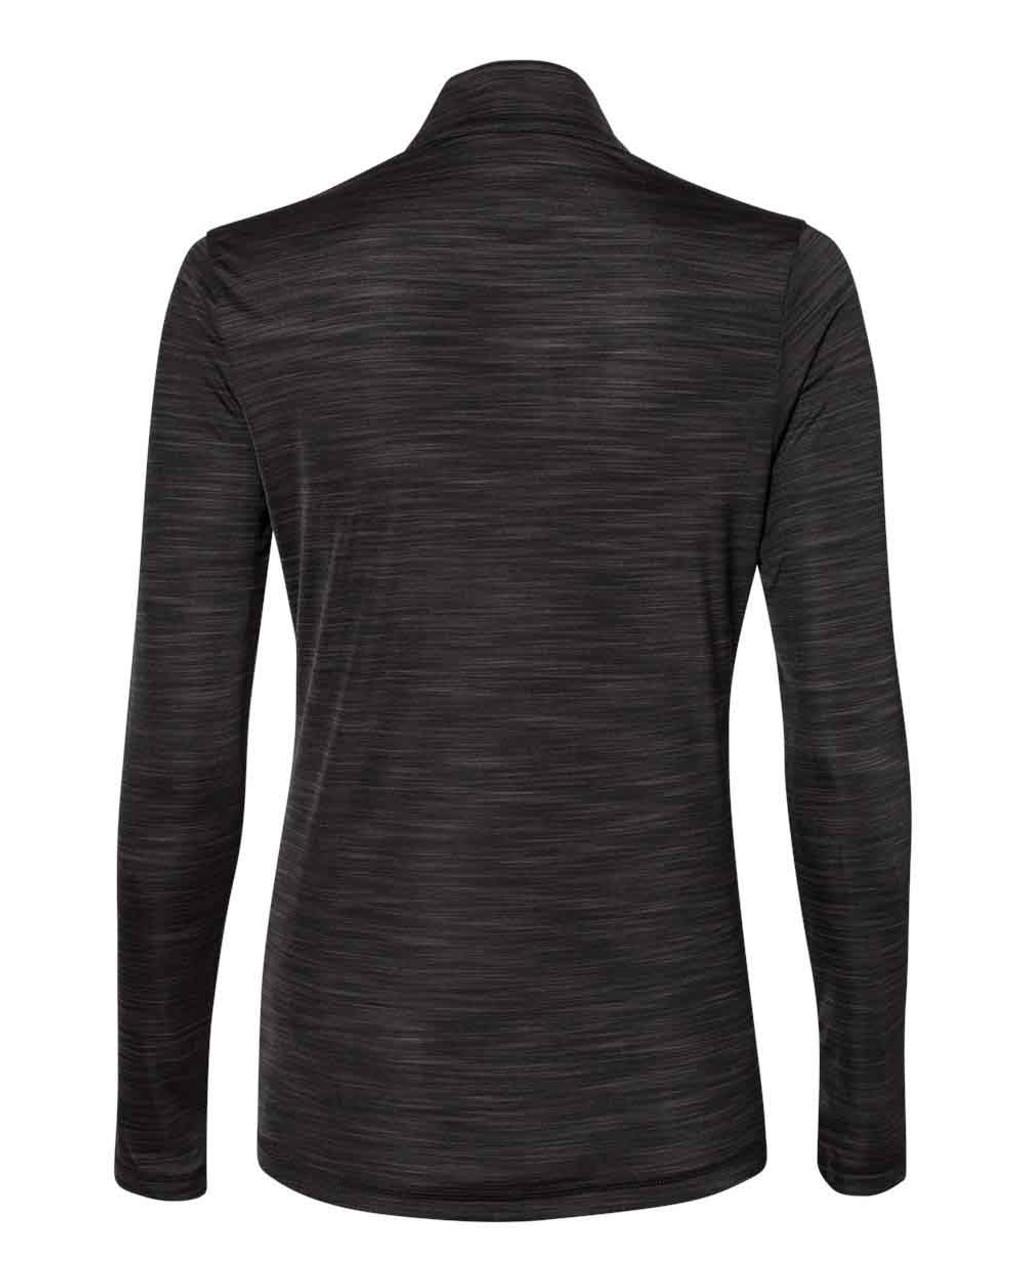 A476 Adidas Women's Lightweight Mélange Quarter-Zip Pullover Shirt   T-shirt.ca